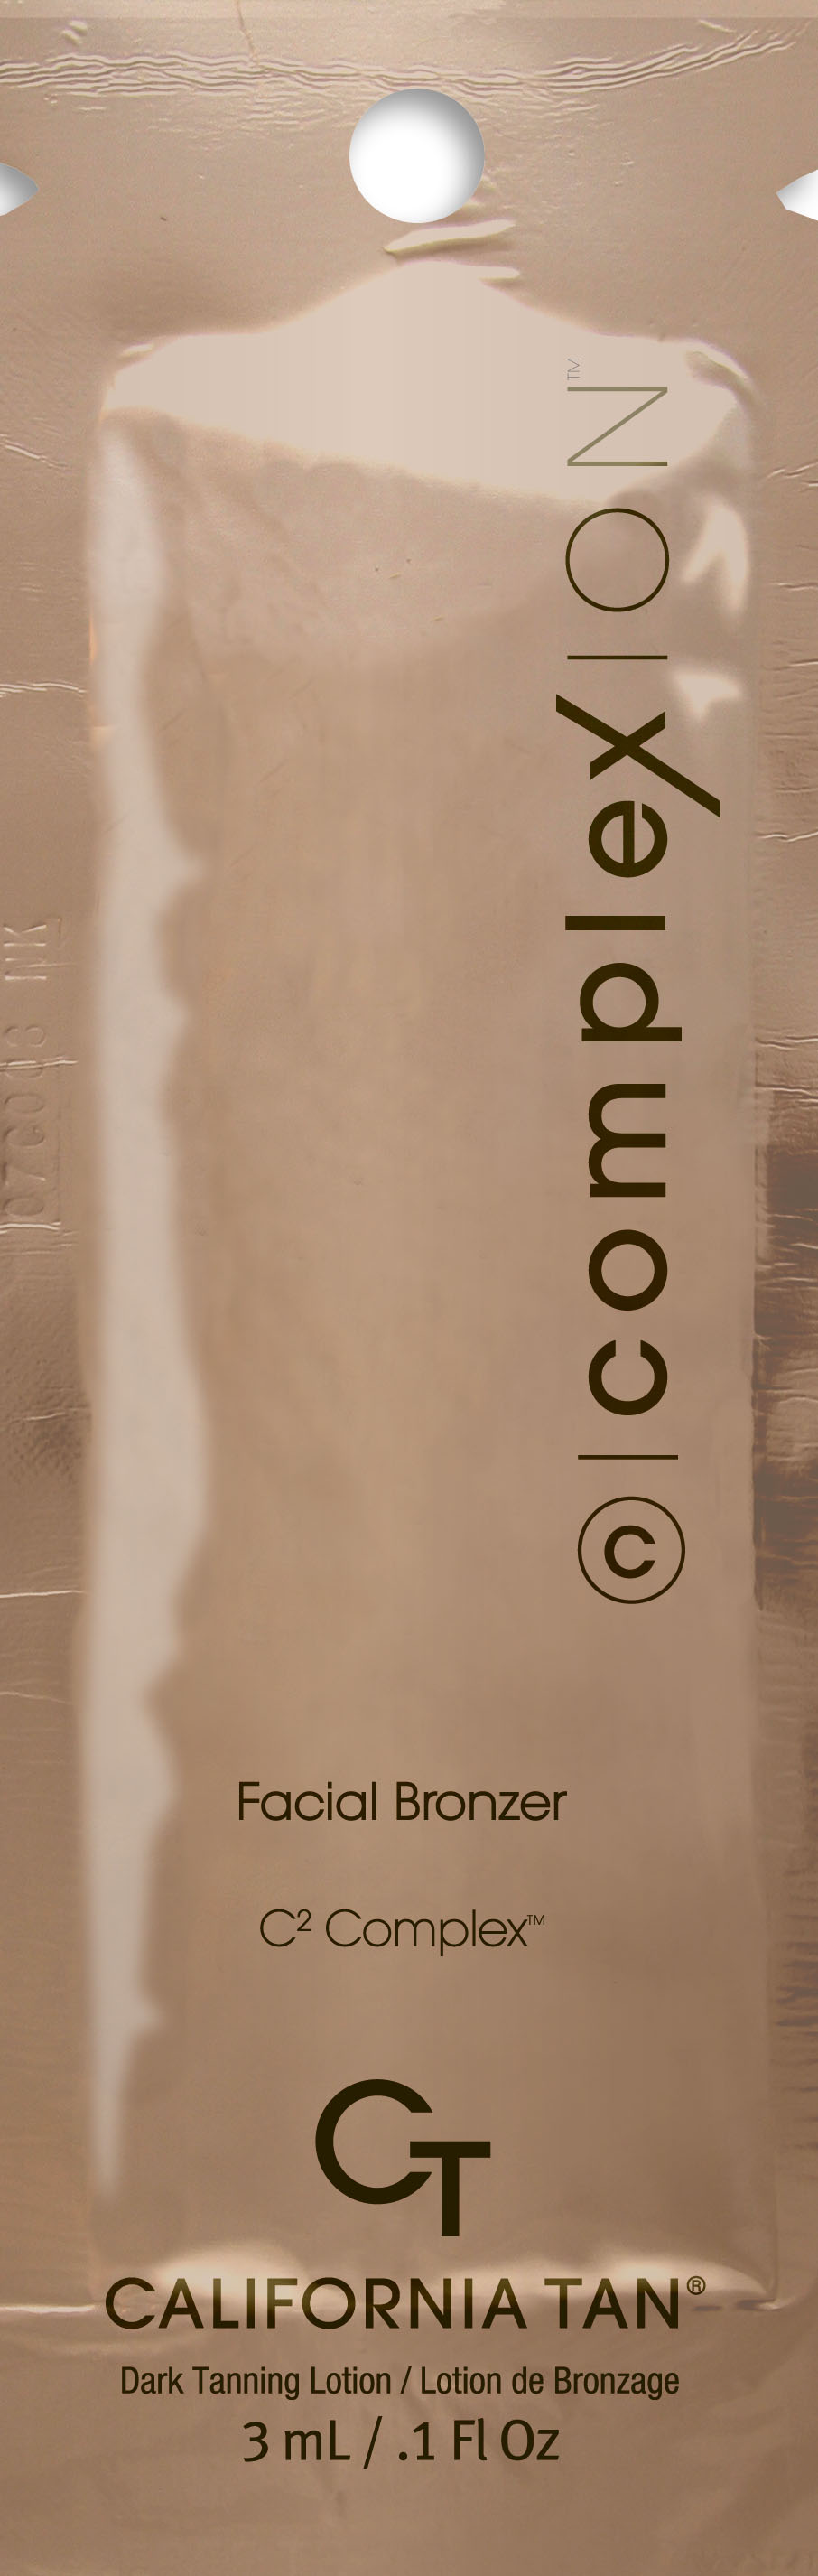 California Tan Крем для загара в солярии ComplexION Facial Bronzer, 3 млCT1186Лосьон для лица с кислородным усилителем загара для всех типов кожи. Описание:CC Bronze™ обеспечивает мгновенный цвет, который подстраивается к тону кожи для идеального цвета лица. ION Color Technology™C2 Complex™ - улучшает цвета лица, помогает усовершенствовать тон кожи, делая ее более эластичной. OxC Technology™ помогает омолодить клетки кожи и насыщает кожу кислородом, уменьшая морщины.